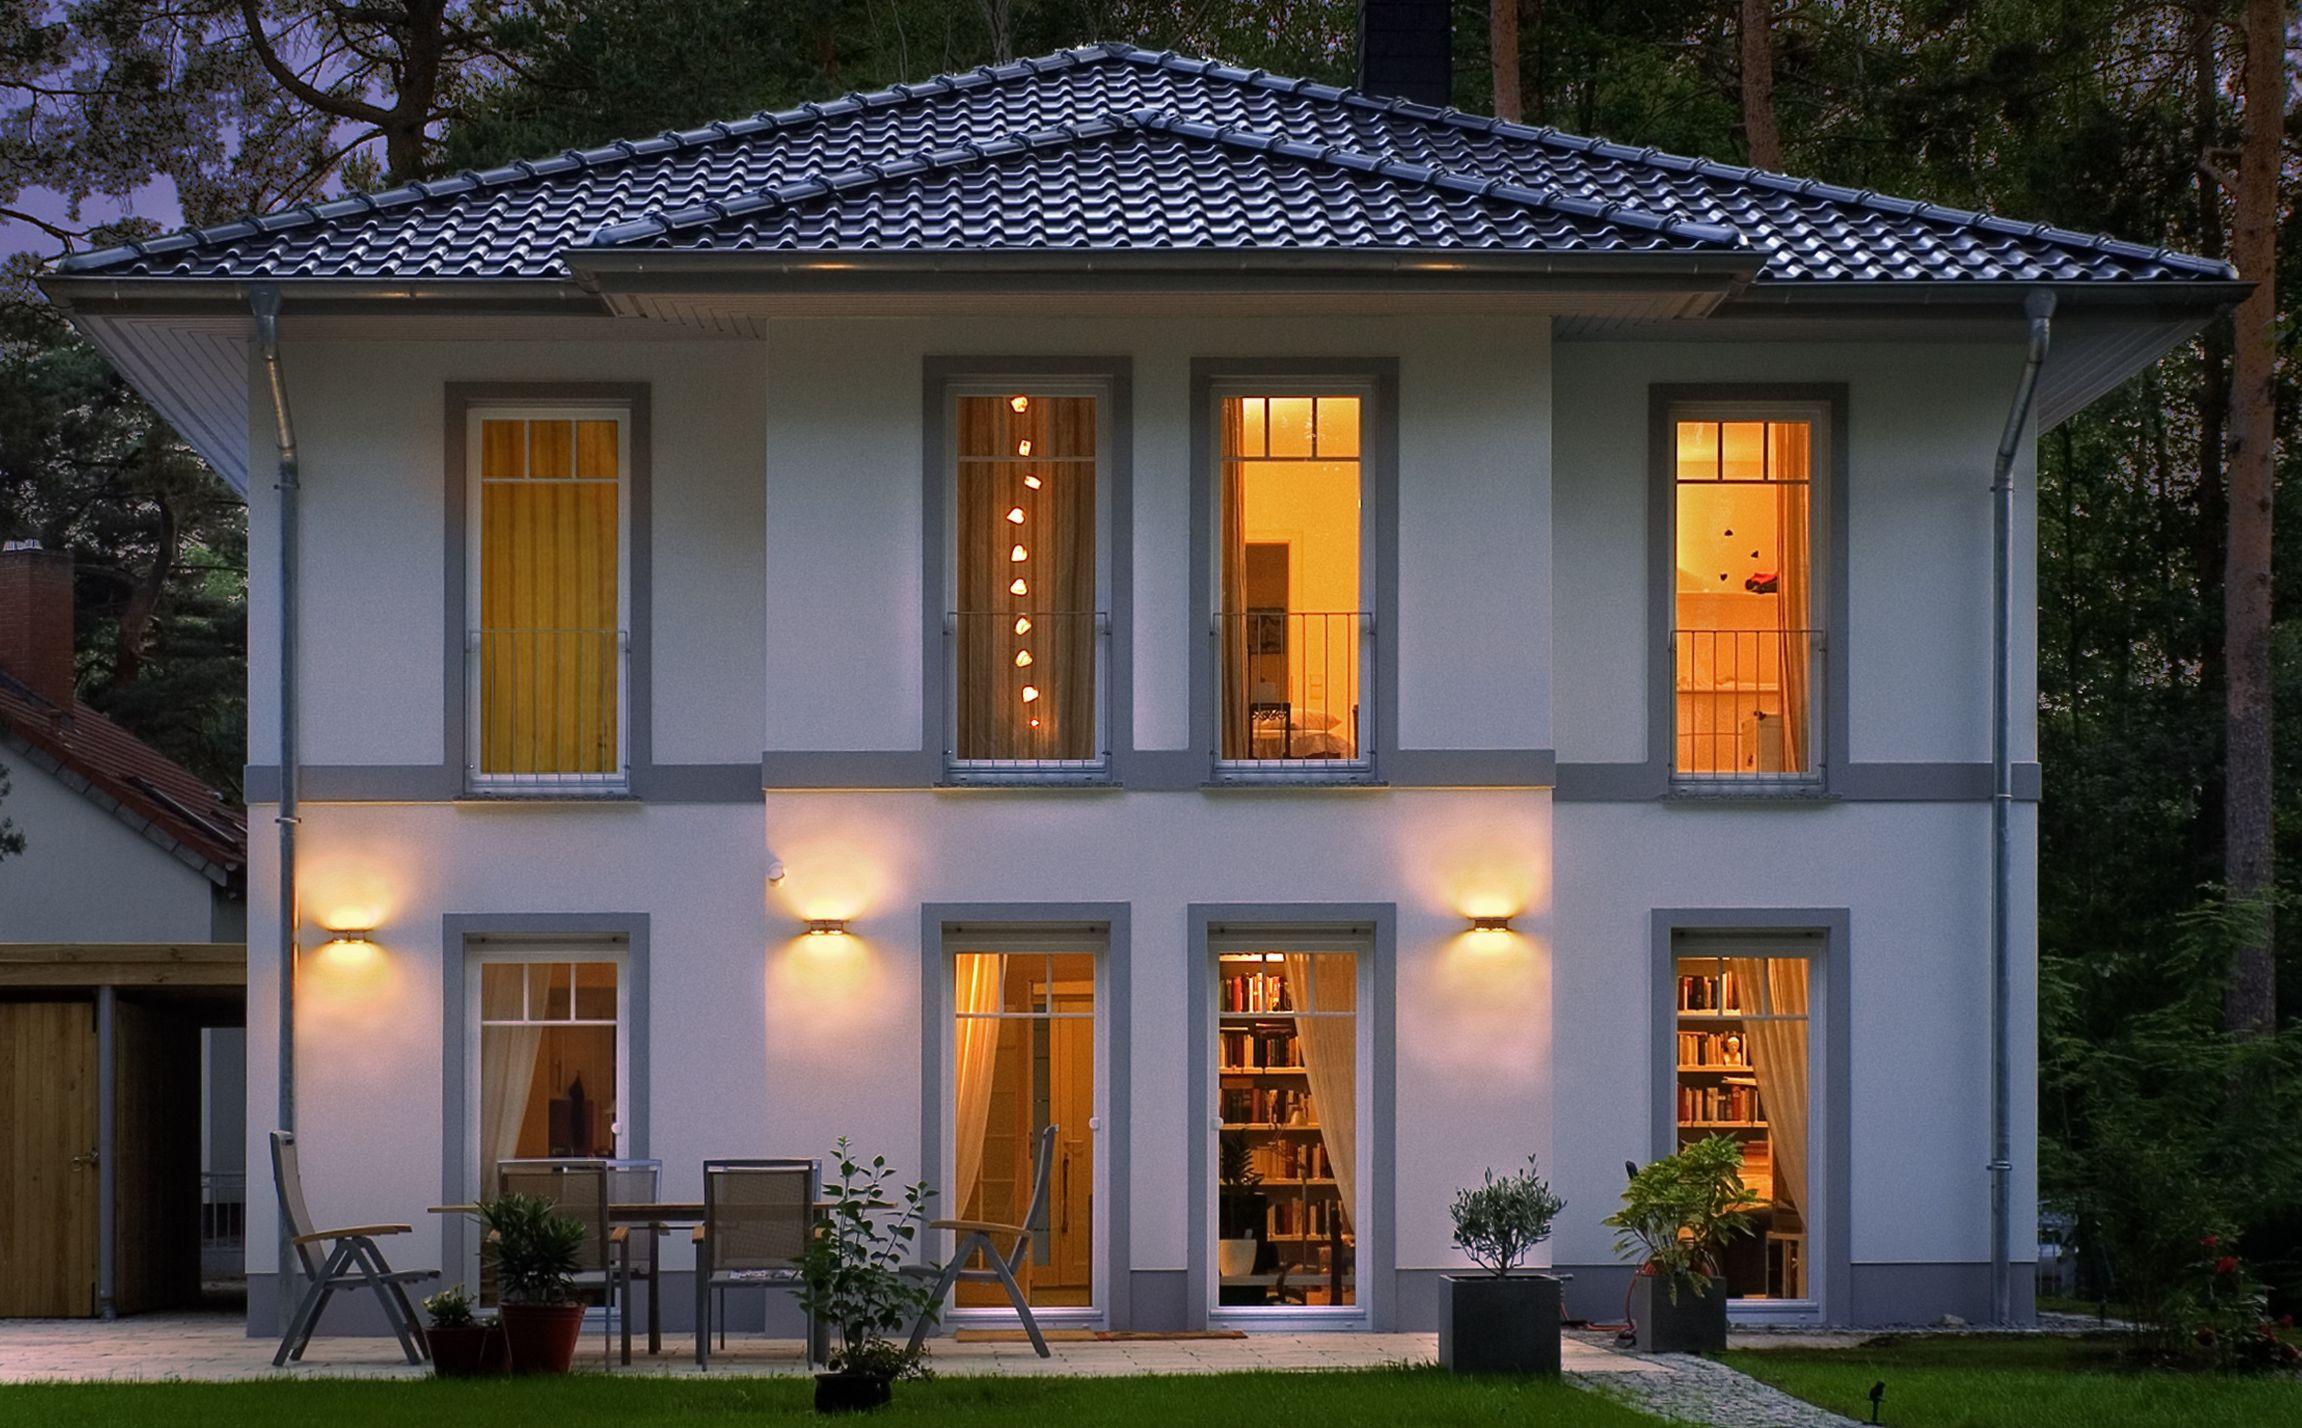 Villa Lugana in Panketal öffnet für Interessierte | Hausbesichtigung am 09./10. Januar in 16341 Panketal